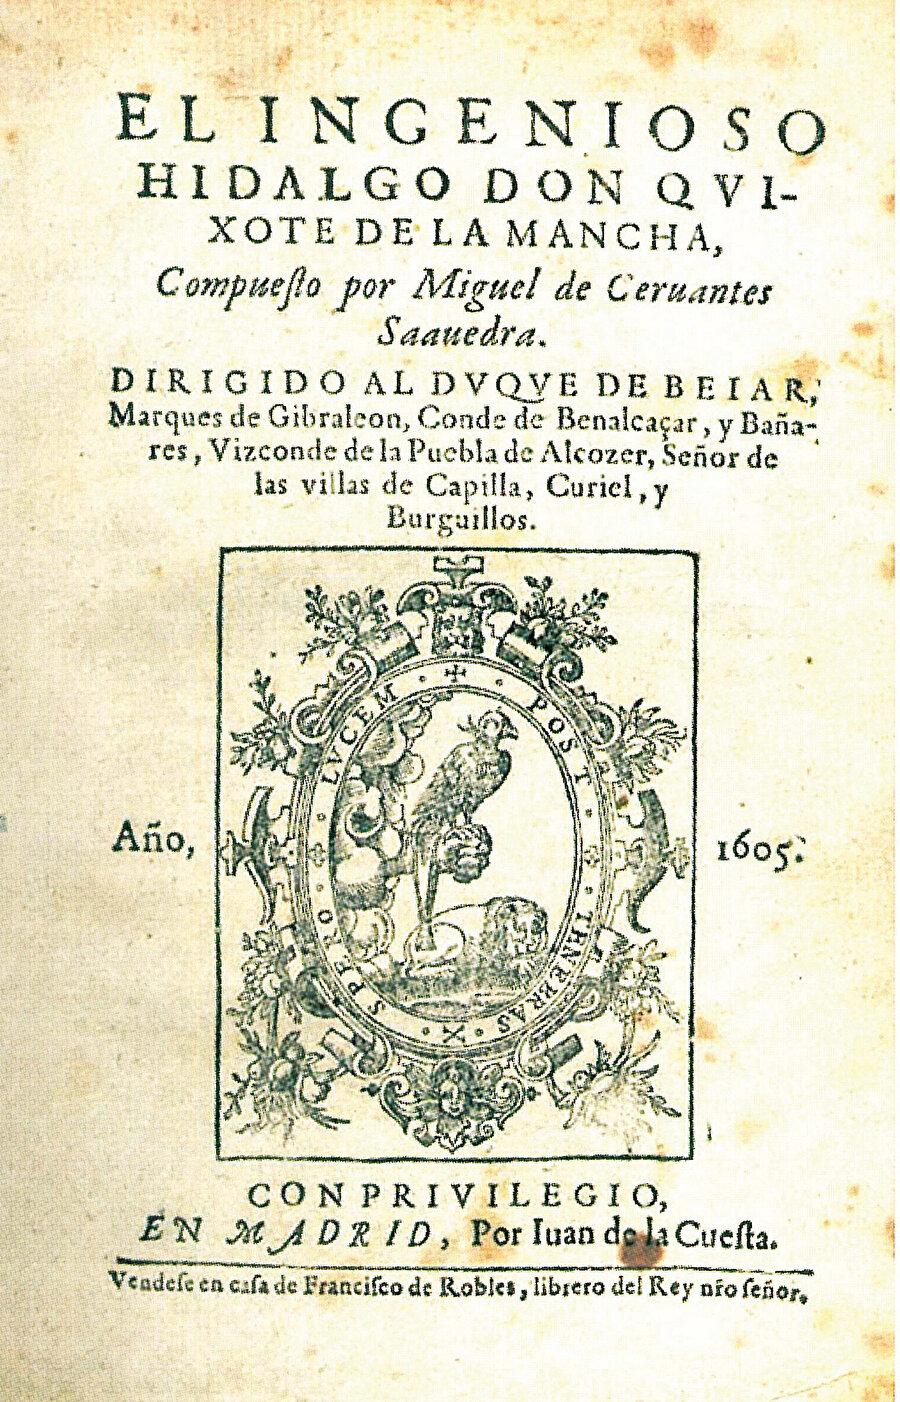 » 4 asır önce Don Kişot'la ilk tanışma: Don Kişot'un Ocak 1605'te İspanya'da yapılan ilk baskısının kapağı.